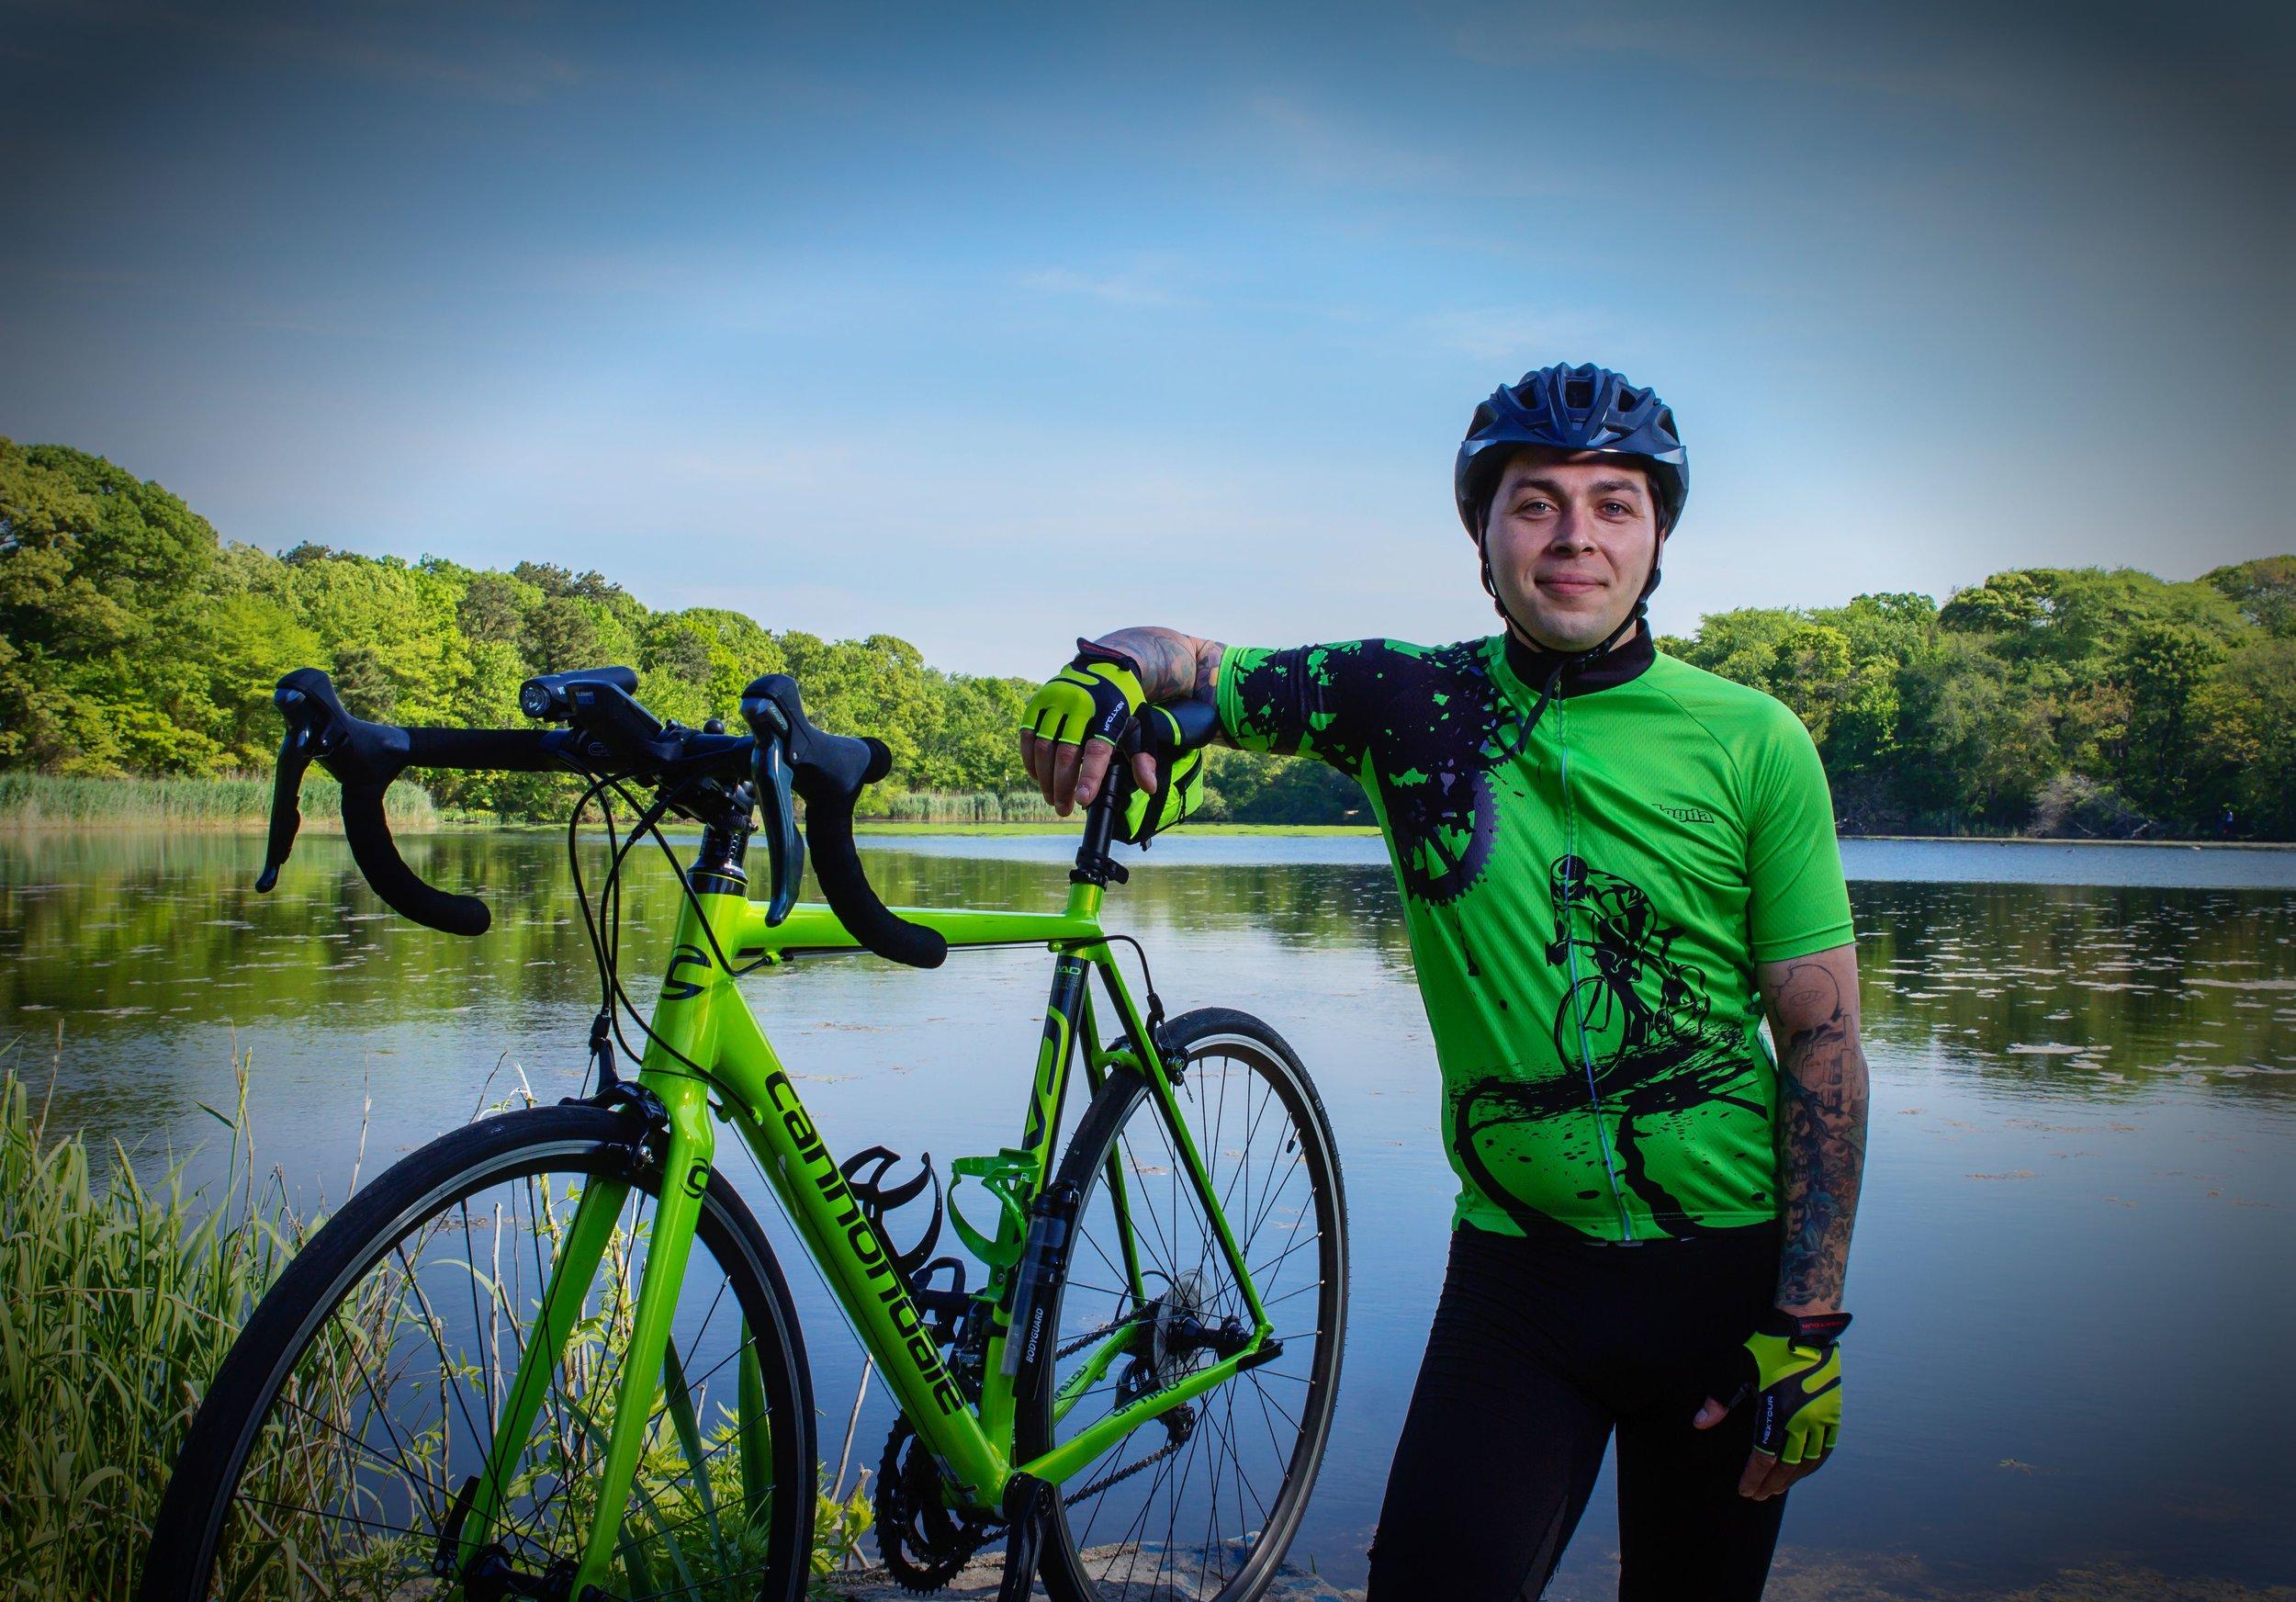 nick bicycle_2287.jpg